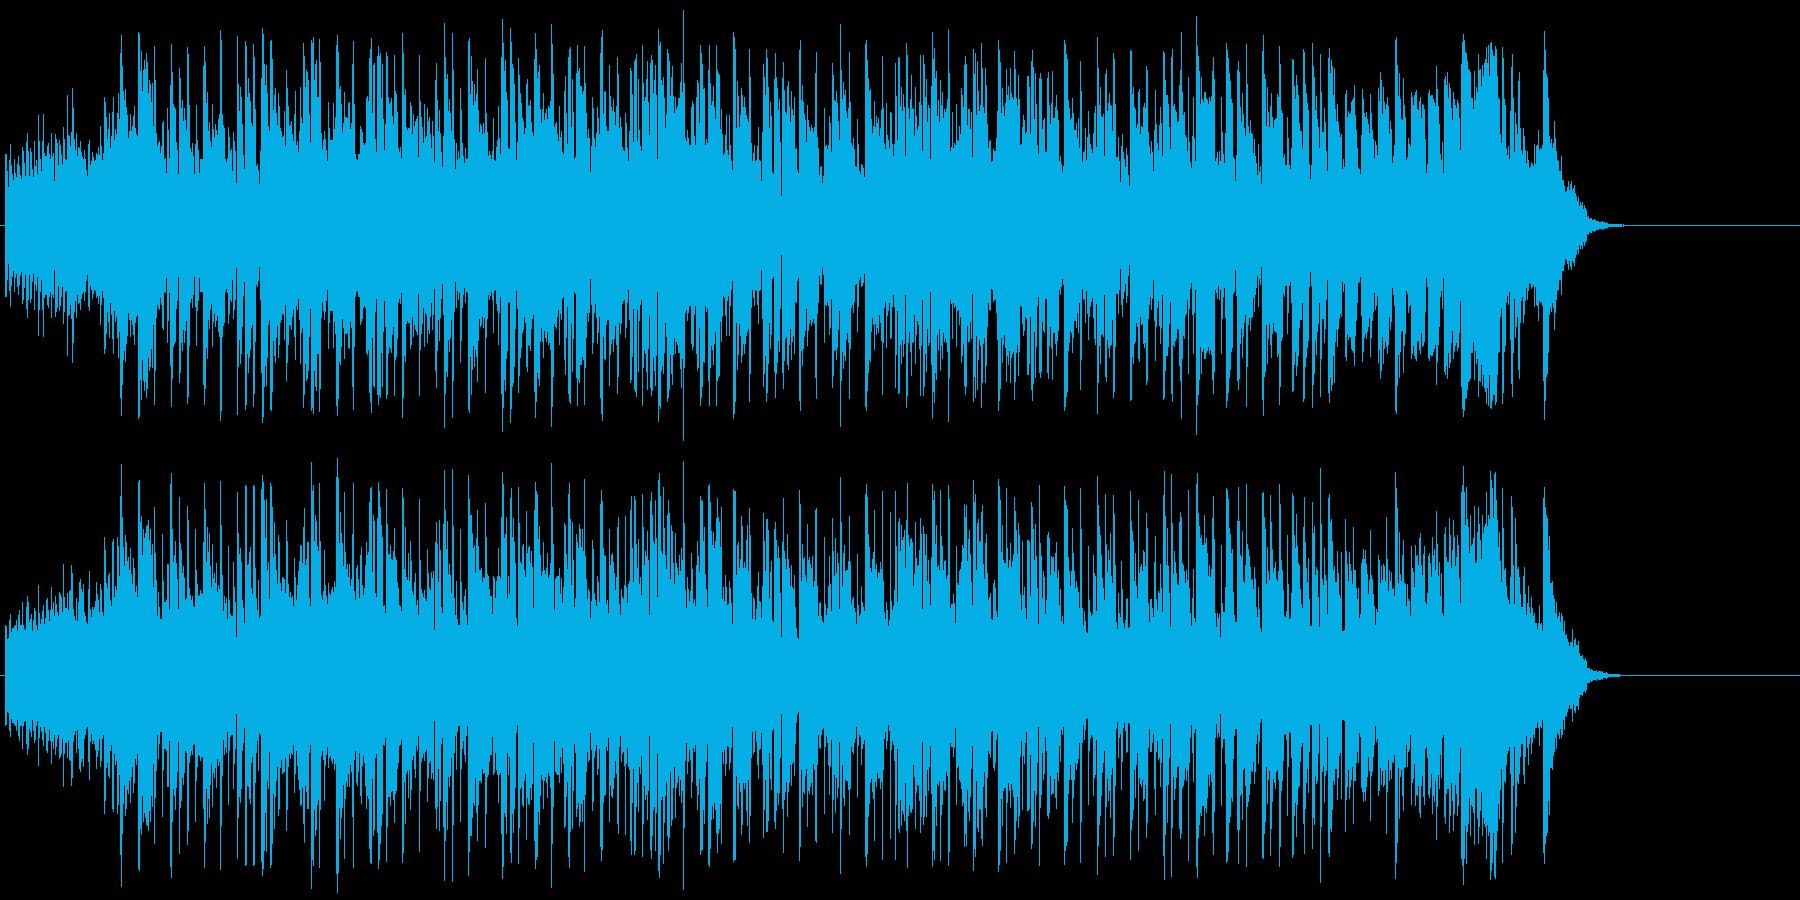 さわやか 青空 ほのぼの 希望 充実の再生済みの波形